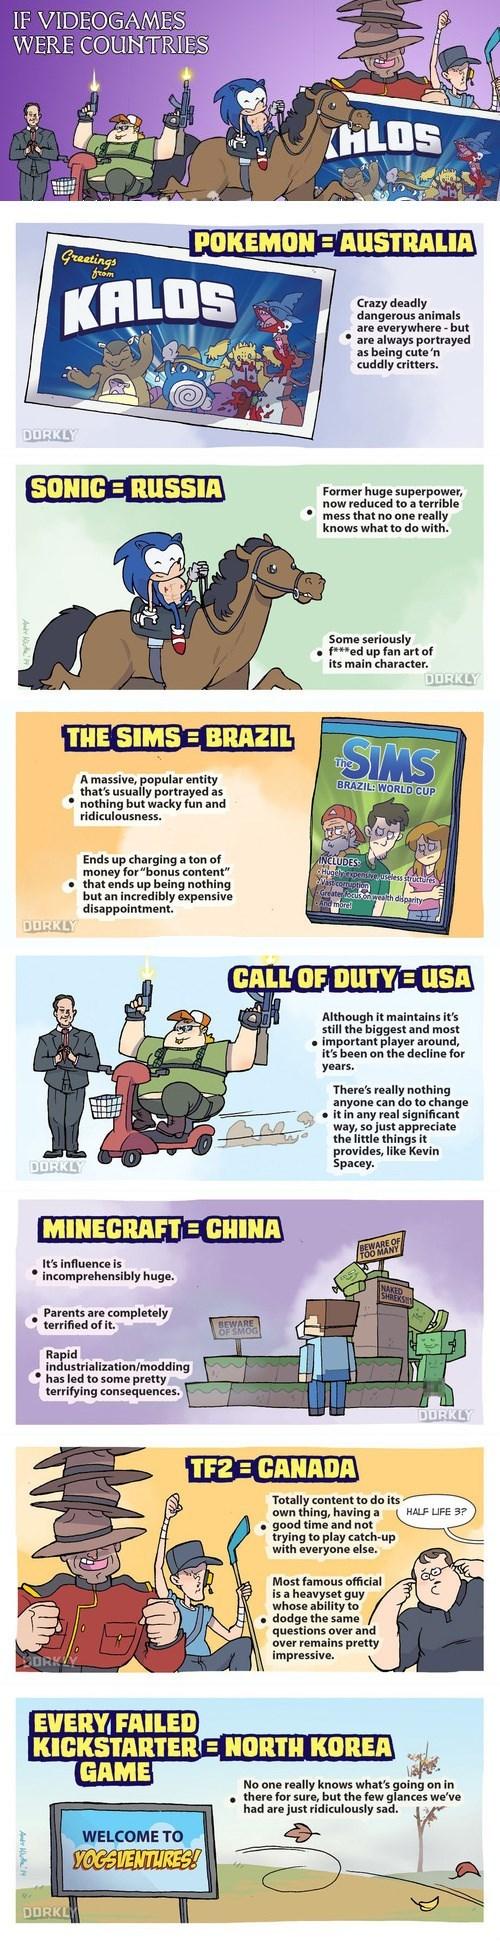 dorkly video games web comics - 8314761216